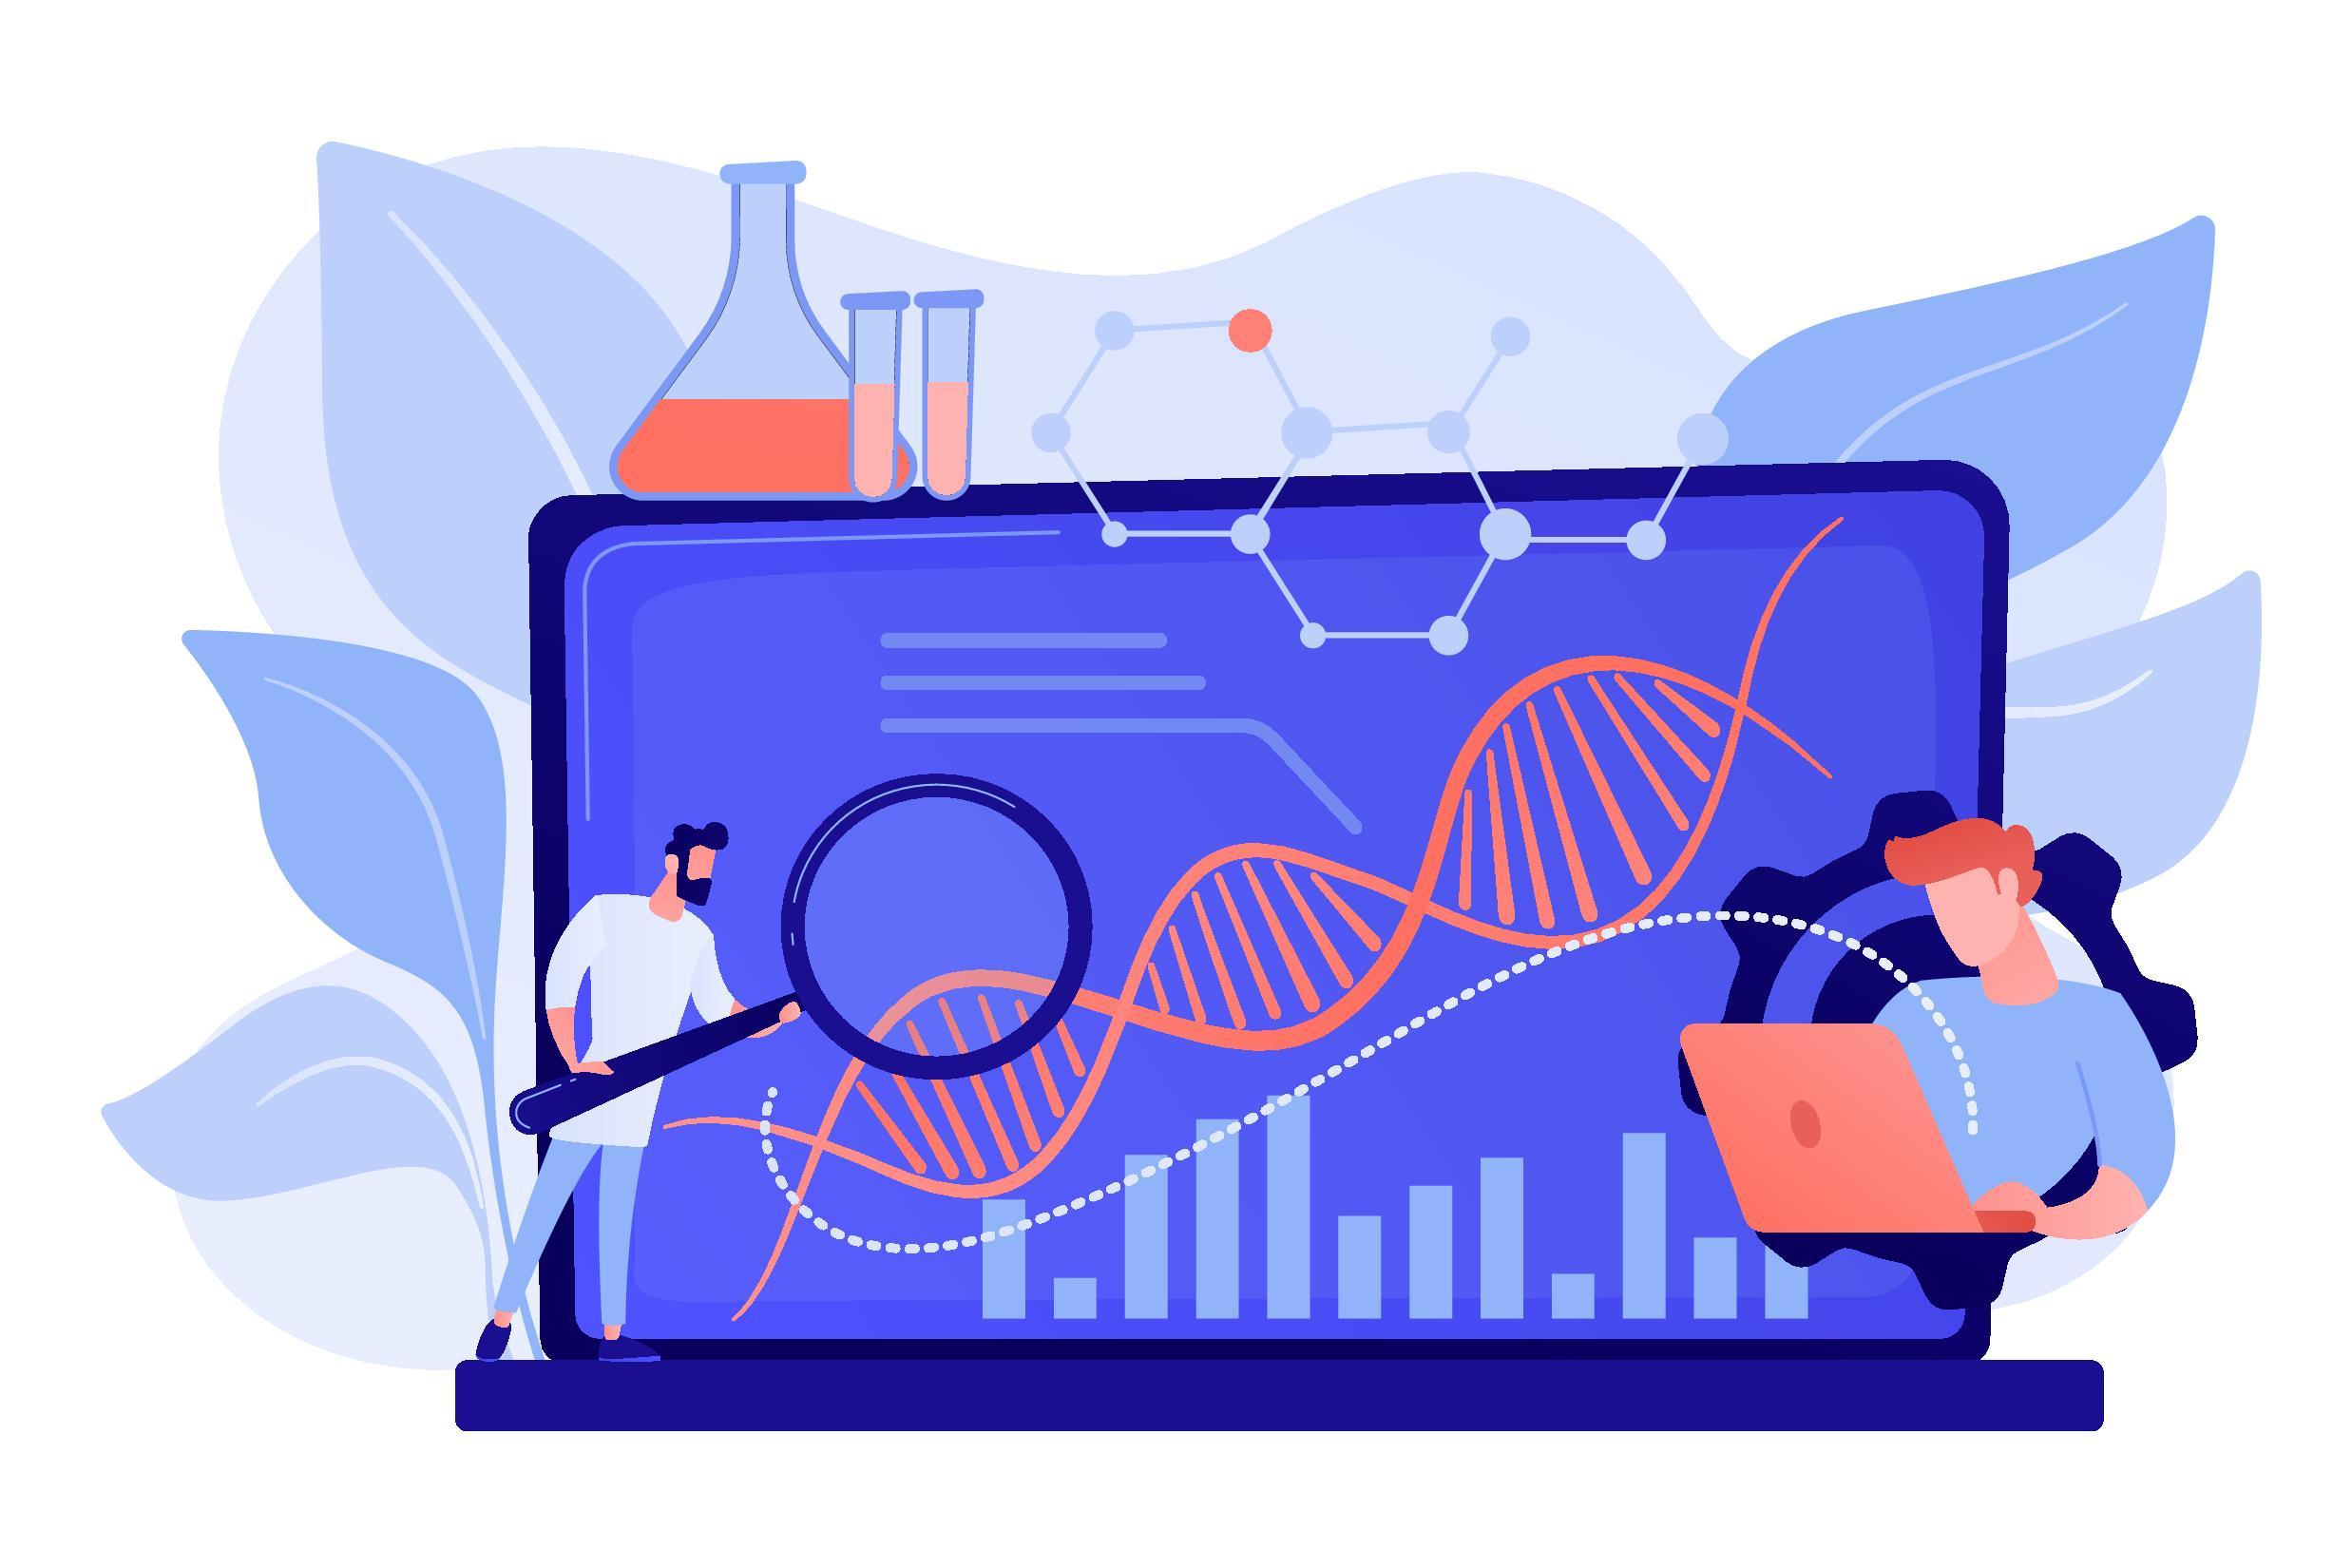 طراحی سایت تحقیقاتی و پژوهشی